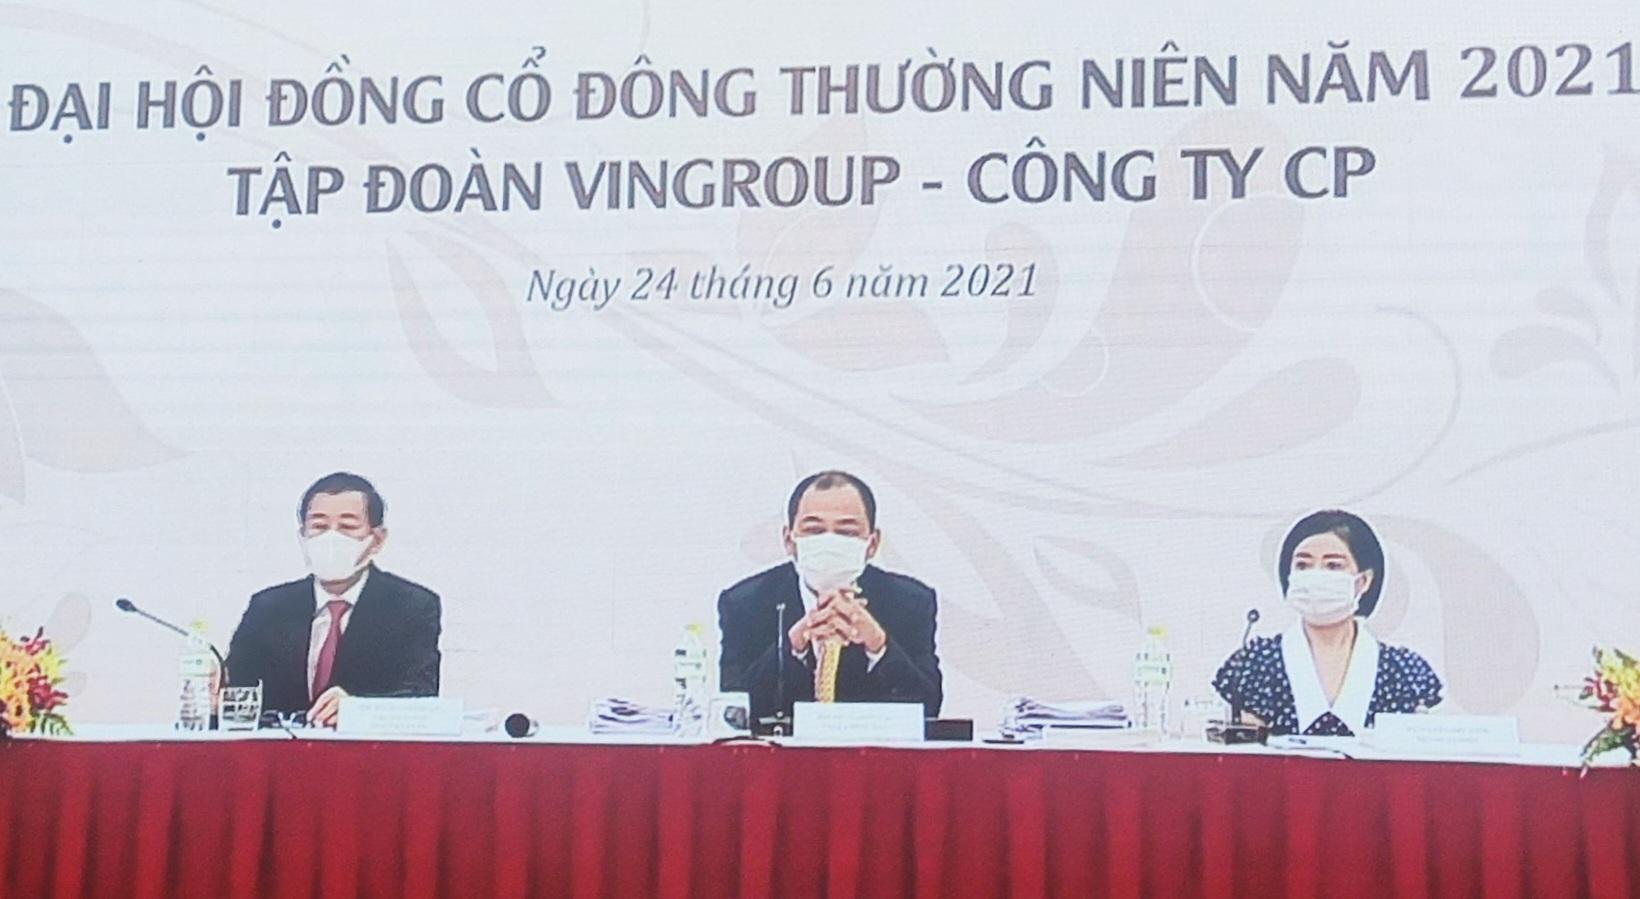 Ban lãnh đạo Vingroup chia sẻ tại đại hội cổ đông thường niên sáng 26/4 theo hình thức online kết hợp offline. Ảnh: VIC.